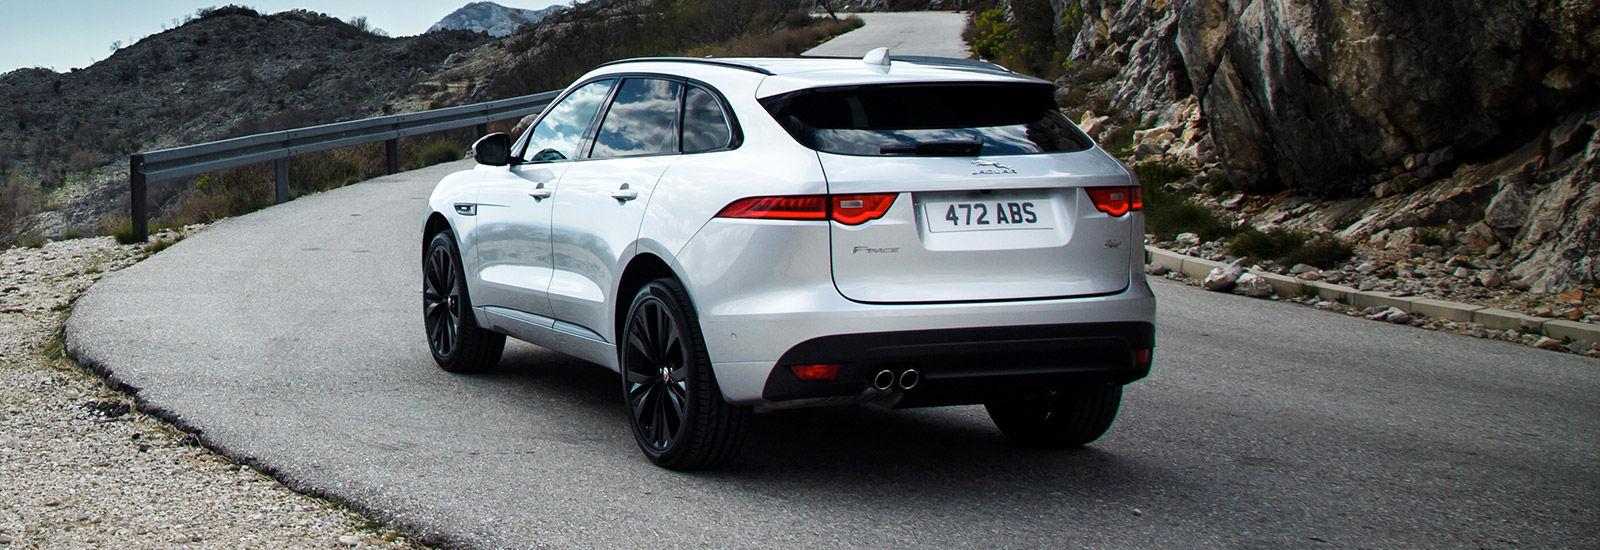 Jaguar jaguar c : Jaguar C-Pace price, specs and release date | carwow